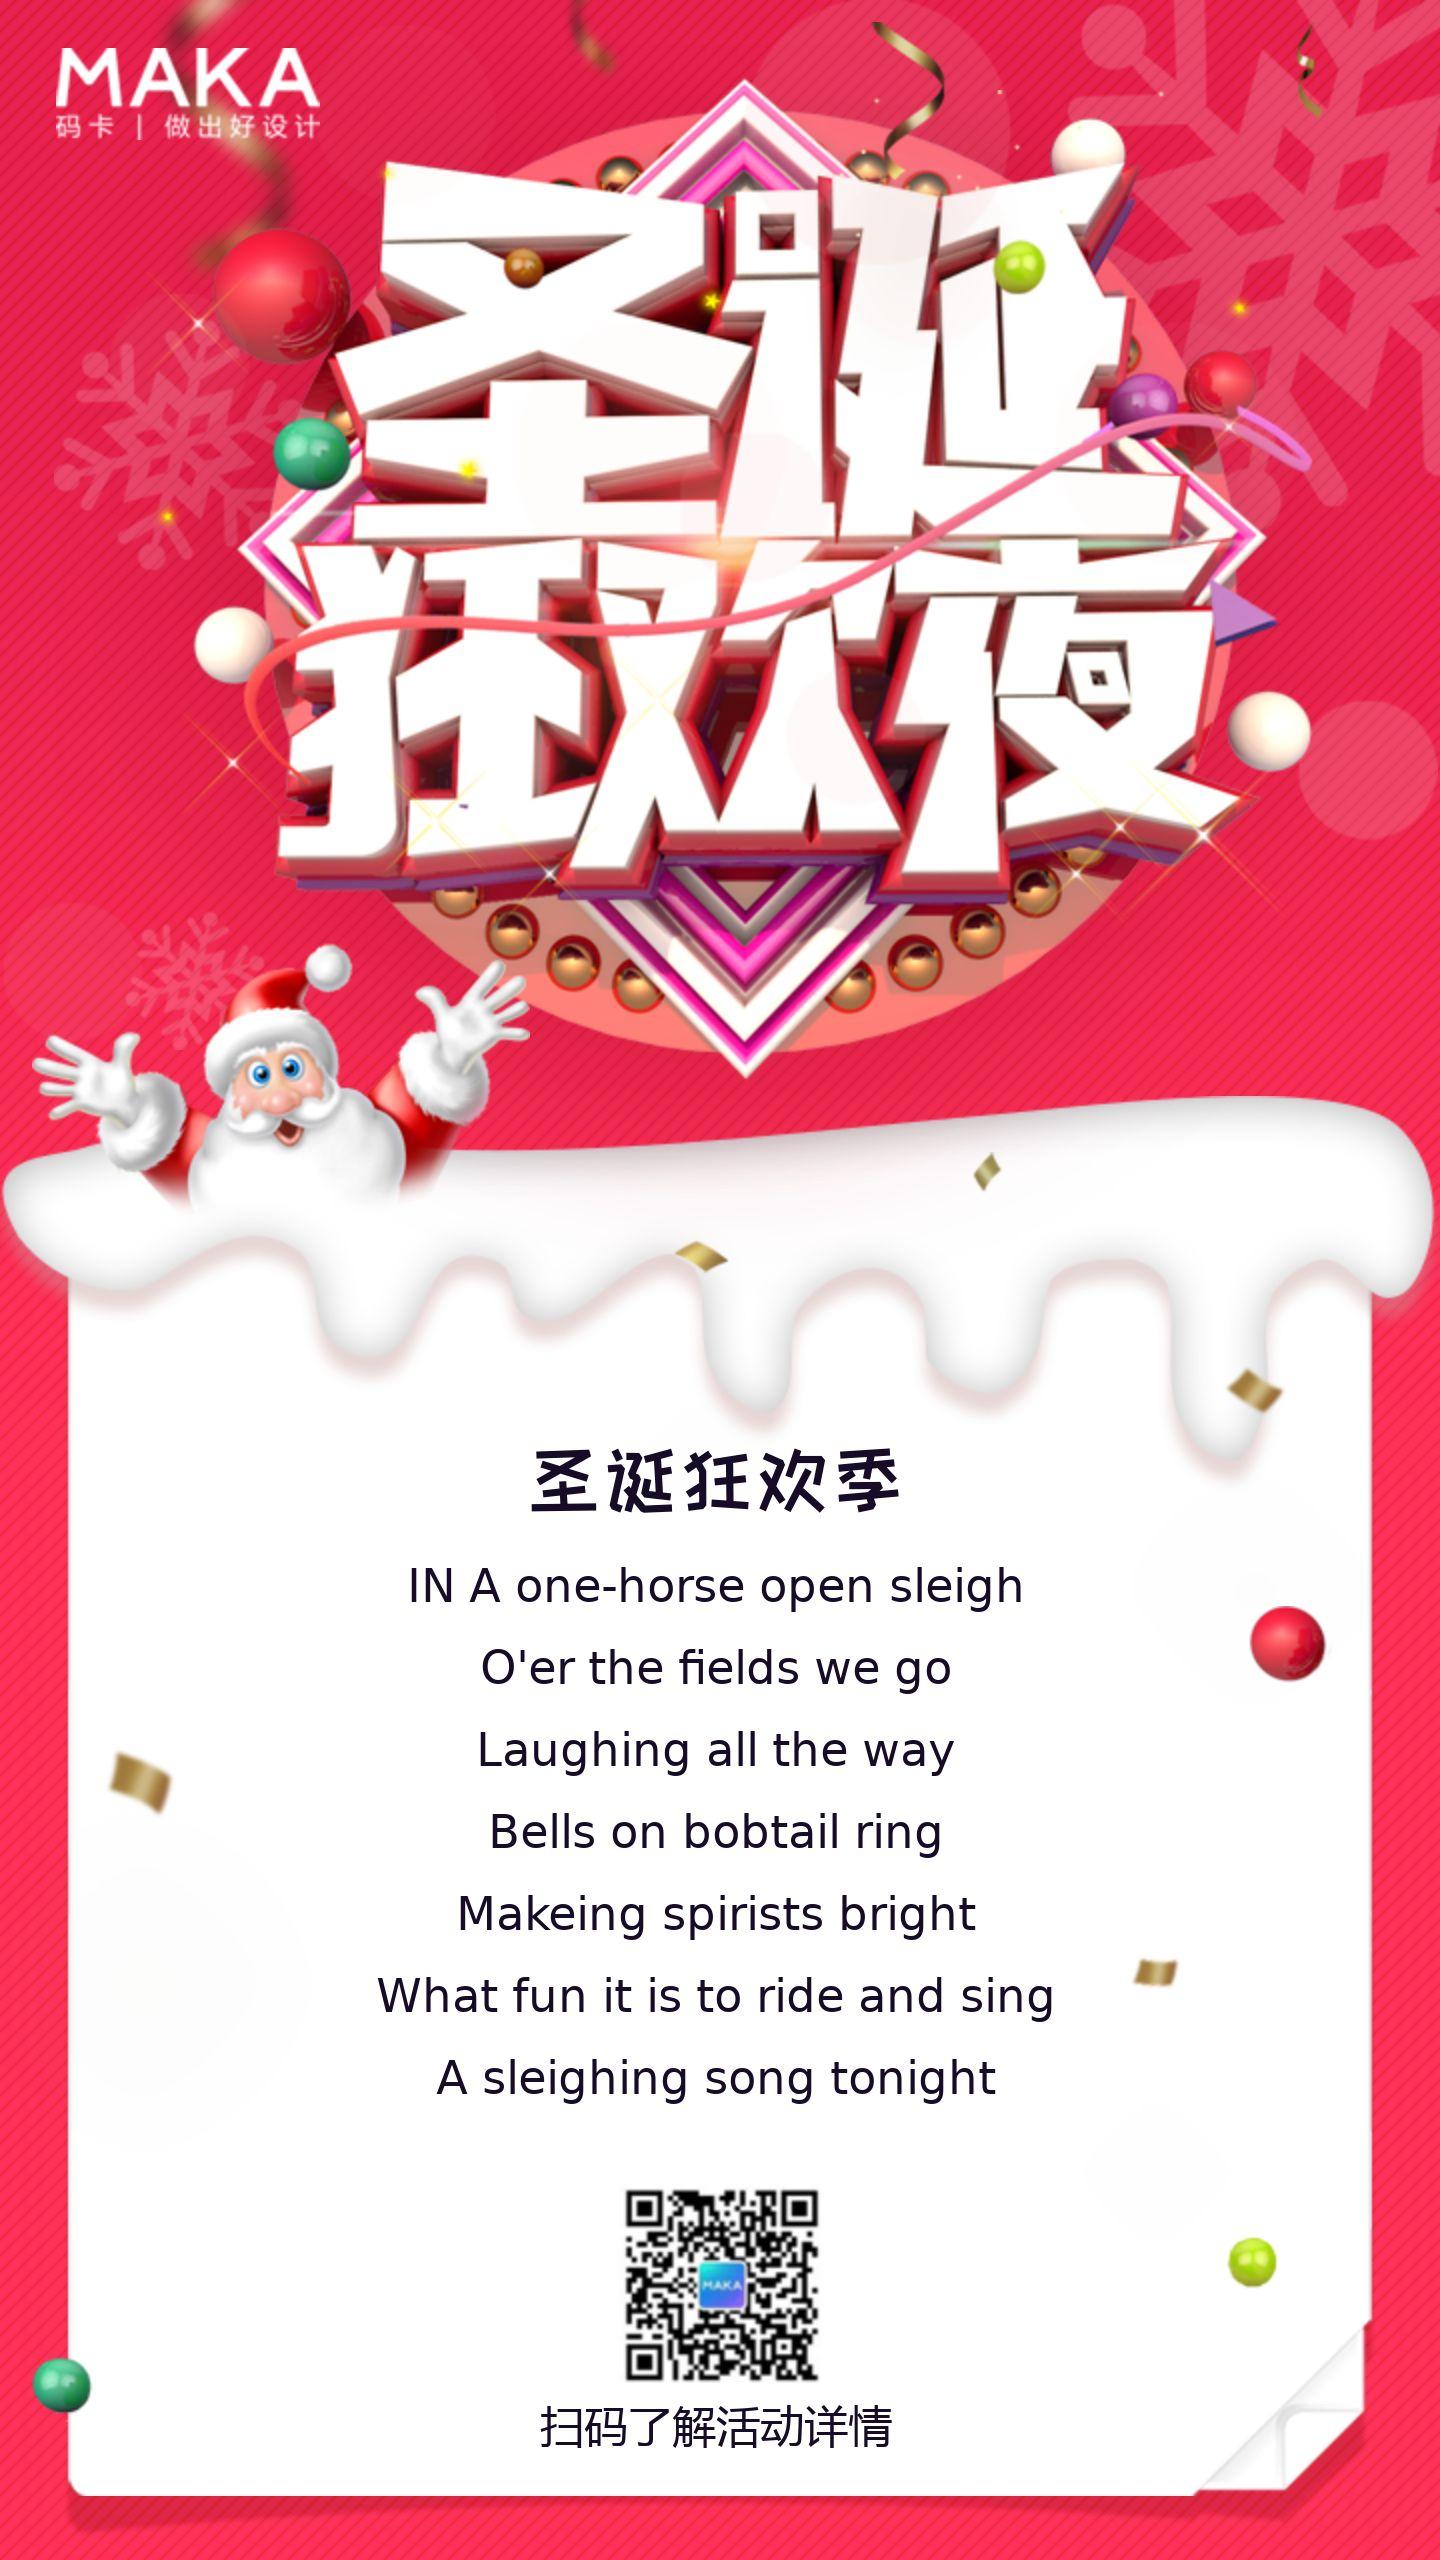 红色喜庆时尚酷炫圣诞节促销宣传手机海报